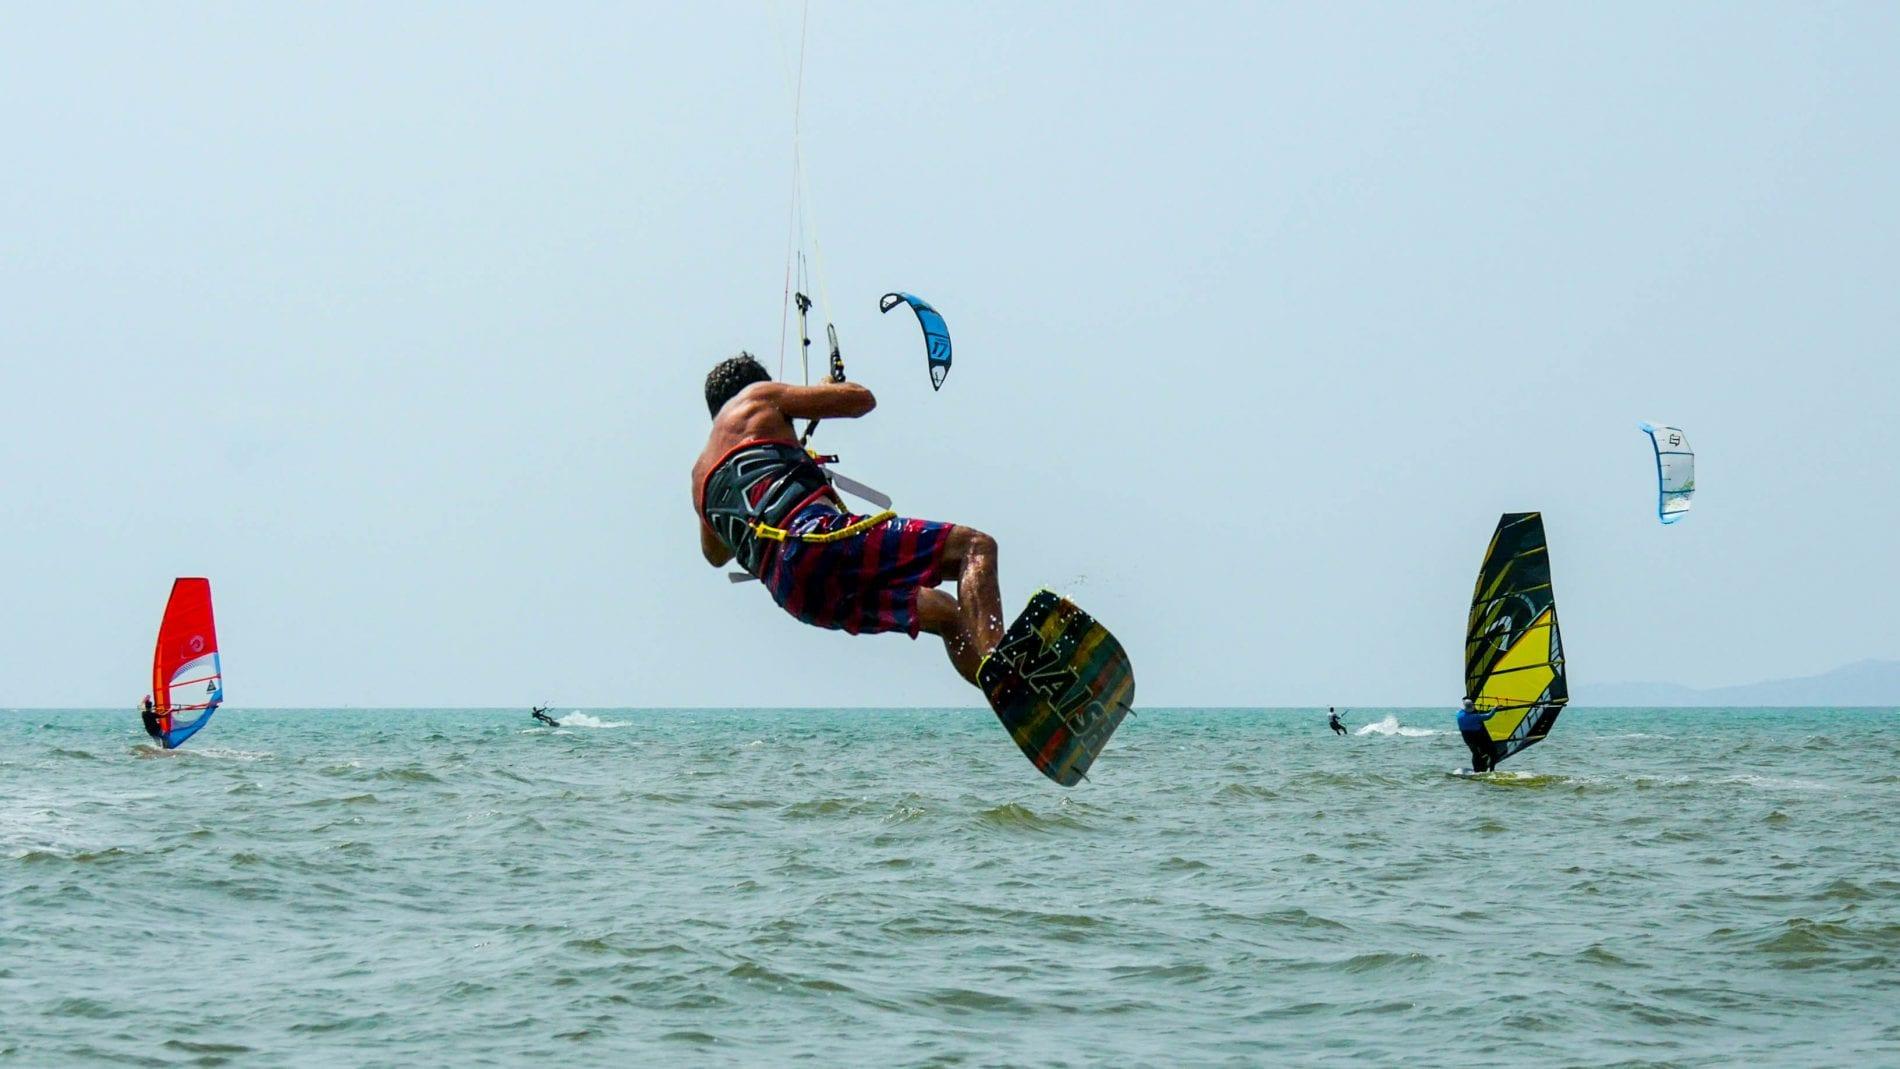 ricardo-kite-boarding-na-jomtien-thailand-4k-photo